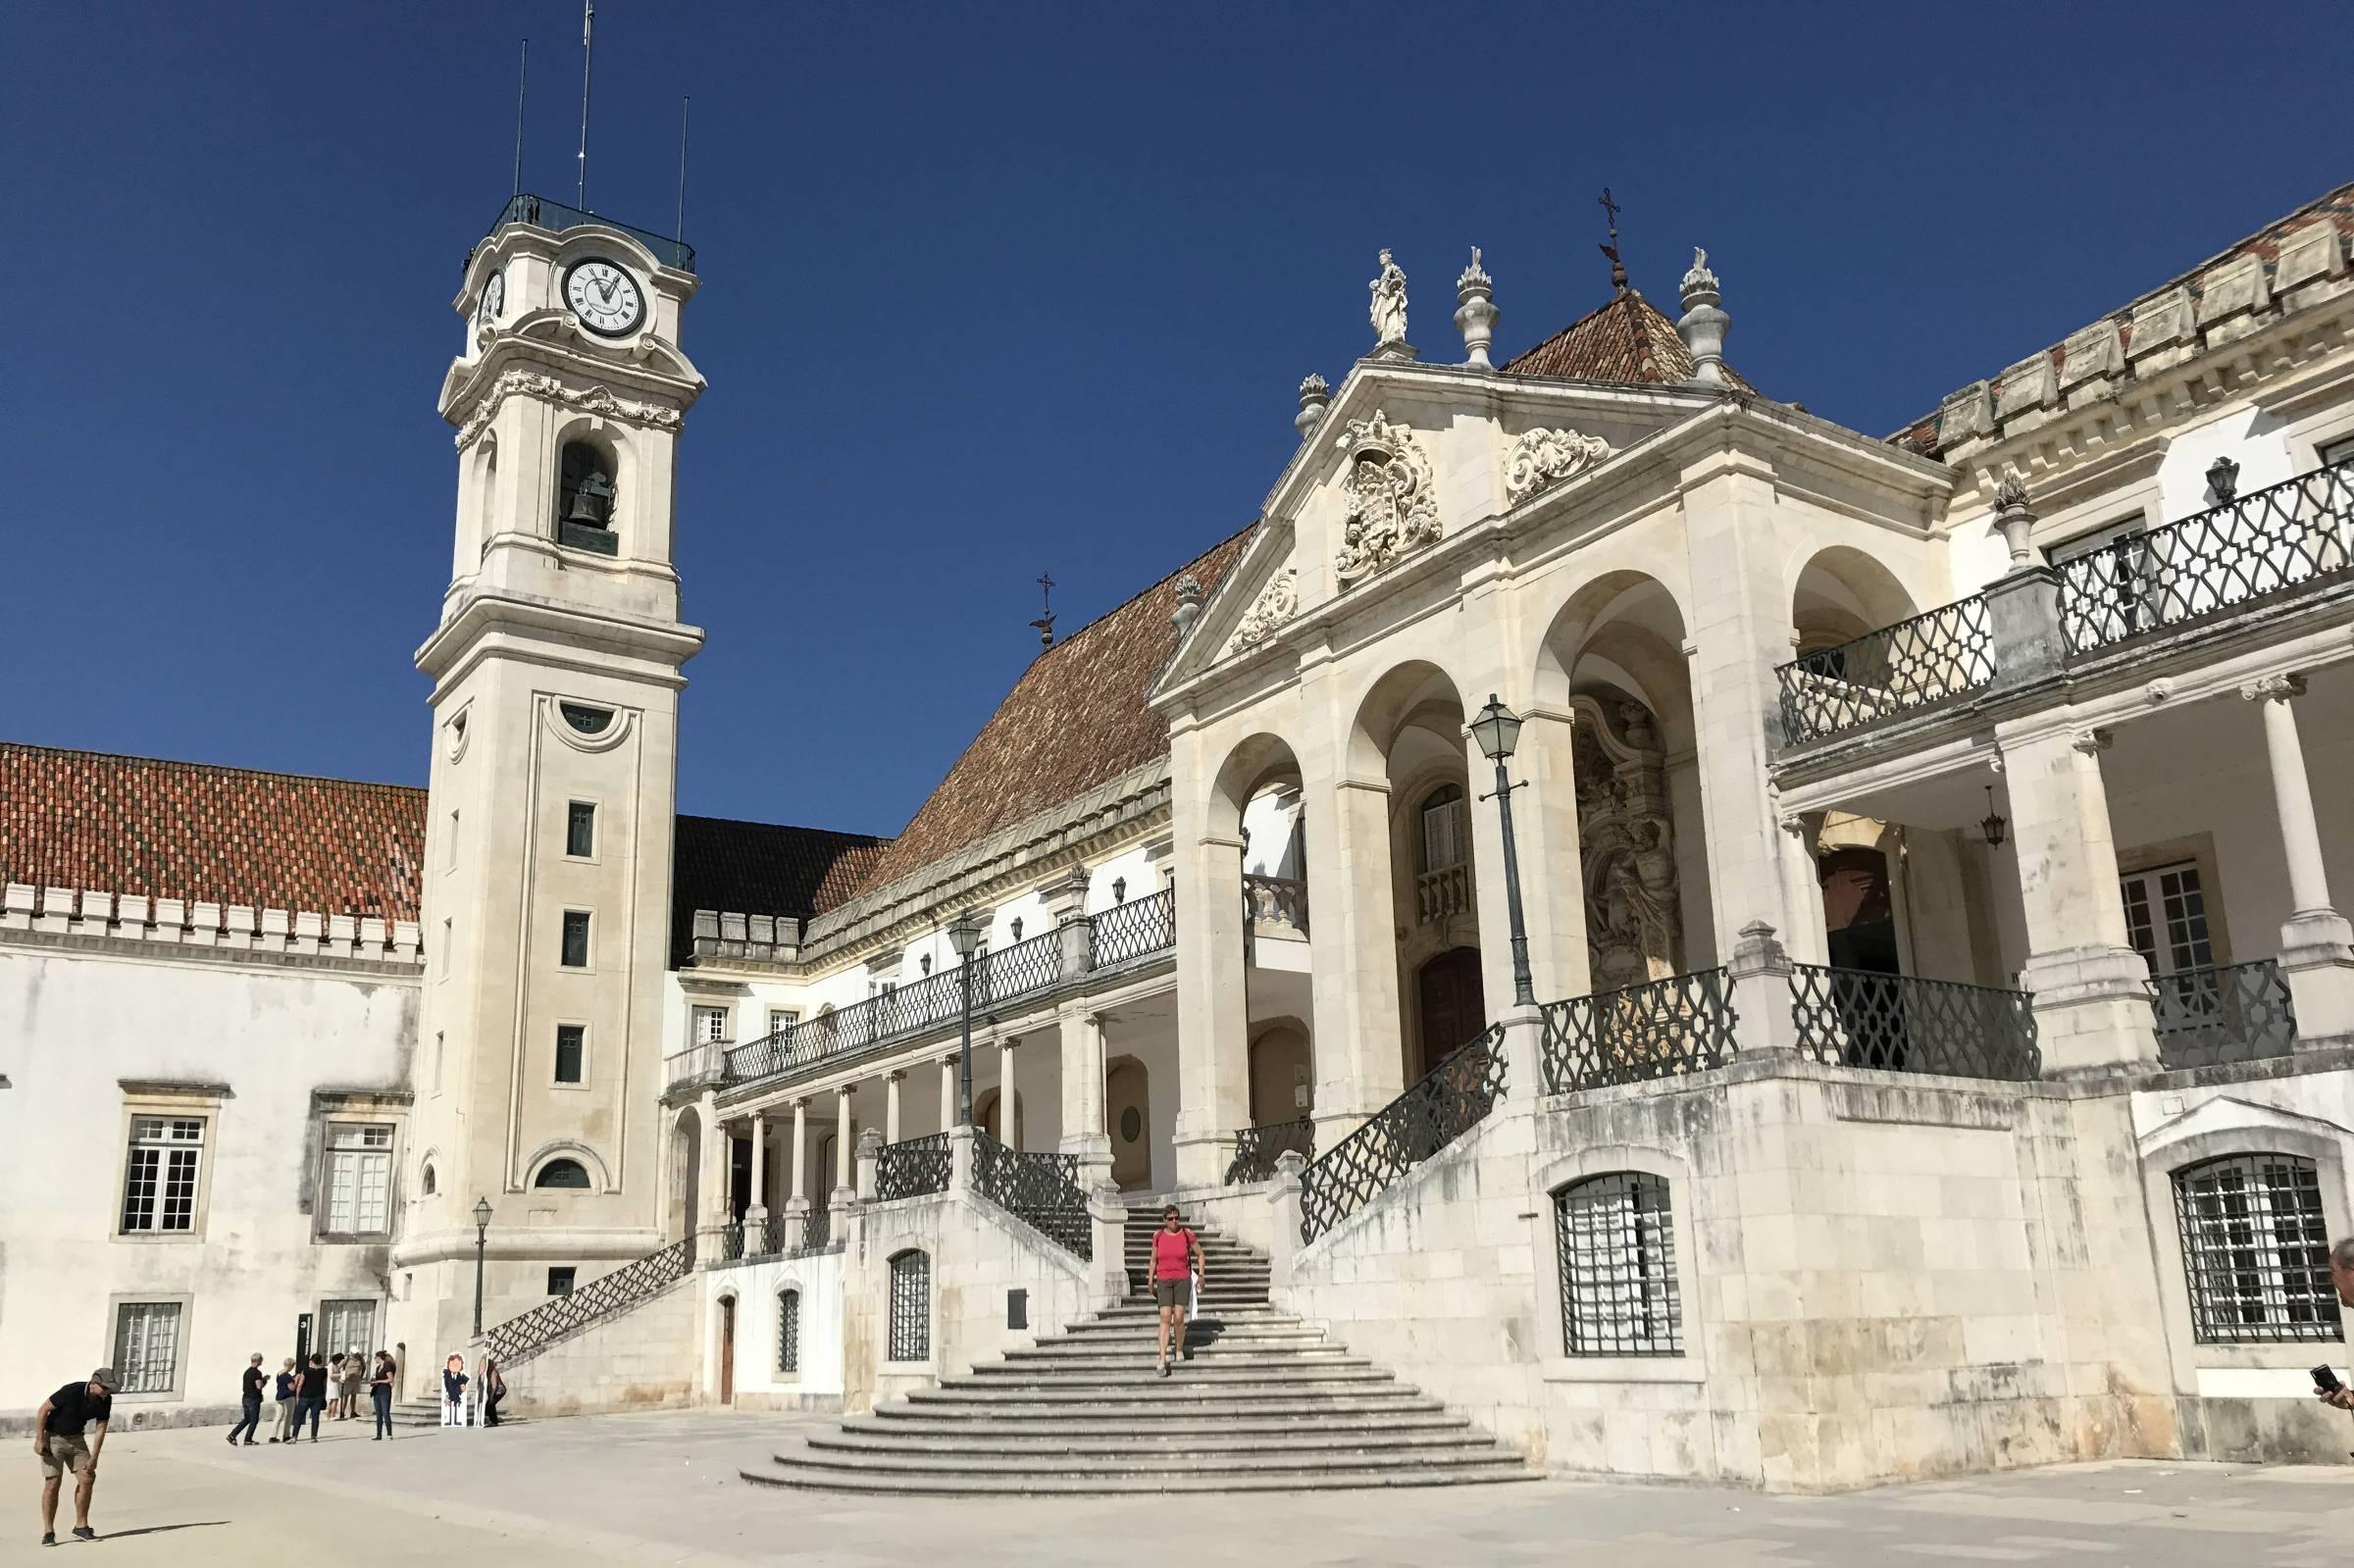 Subiu para quatro o número de parcerias com universidades internacionais renomadas firmadas com o Colégio Etapa.